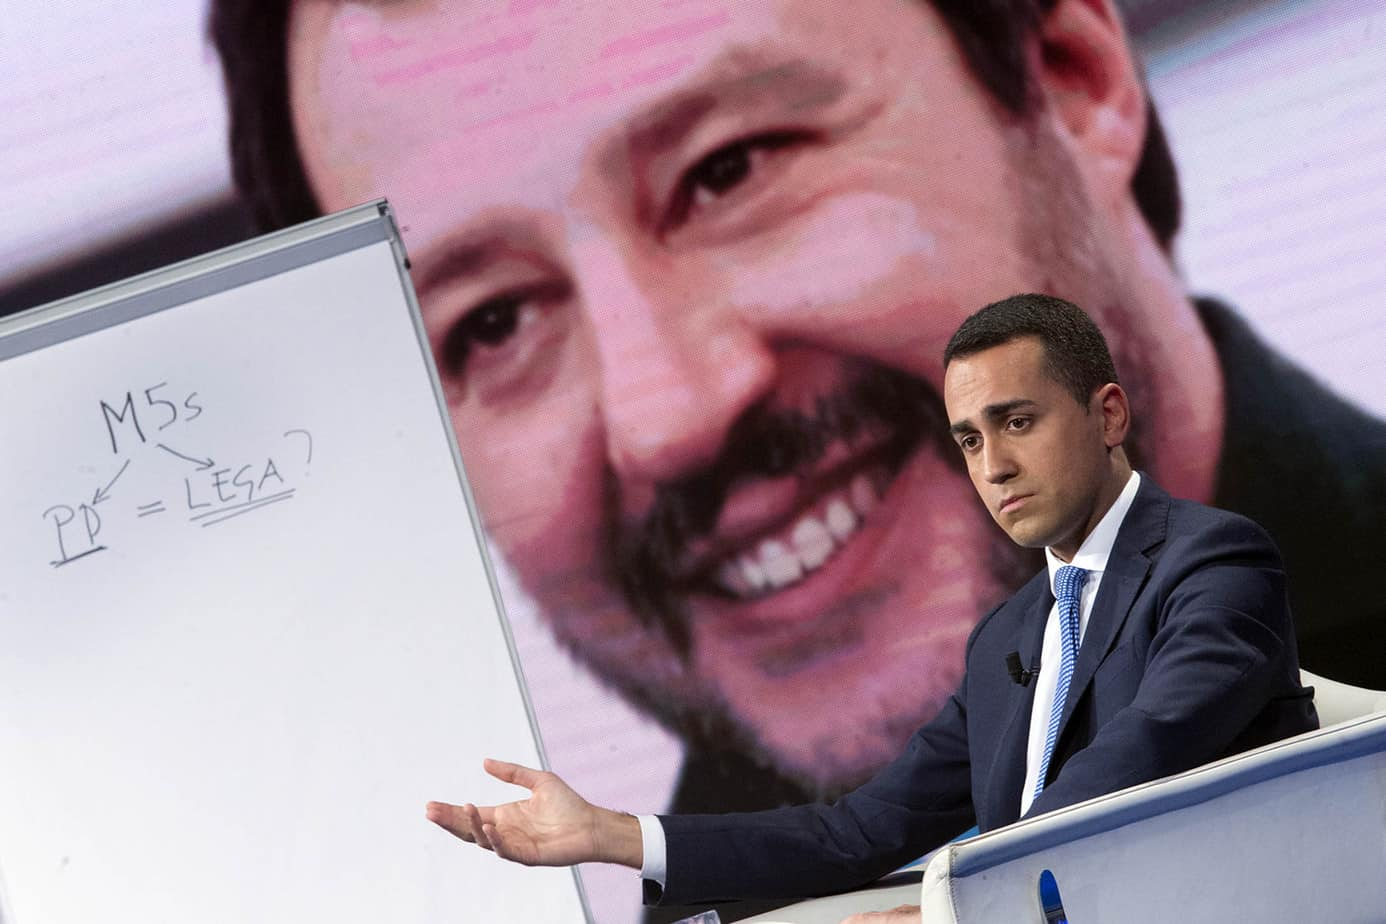 La puntura di Ultimo… a Salvini ostaggio di Berlusconi